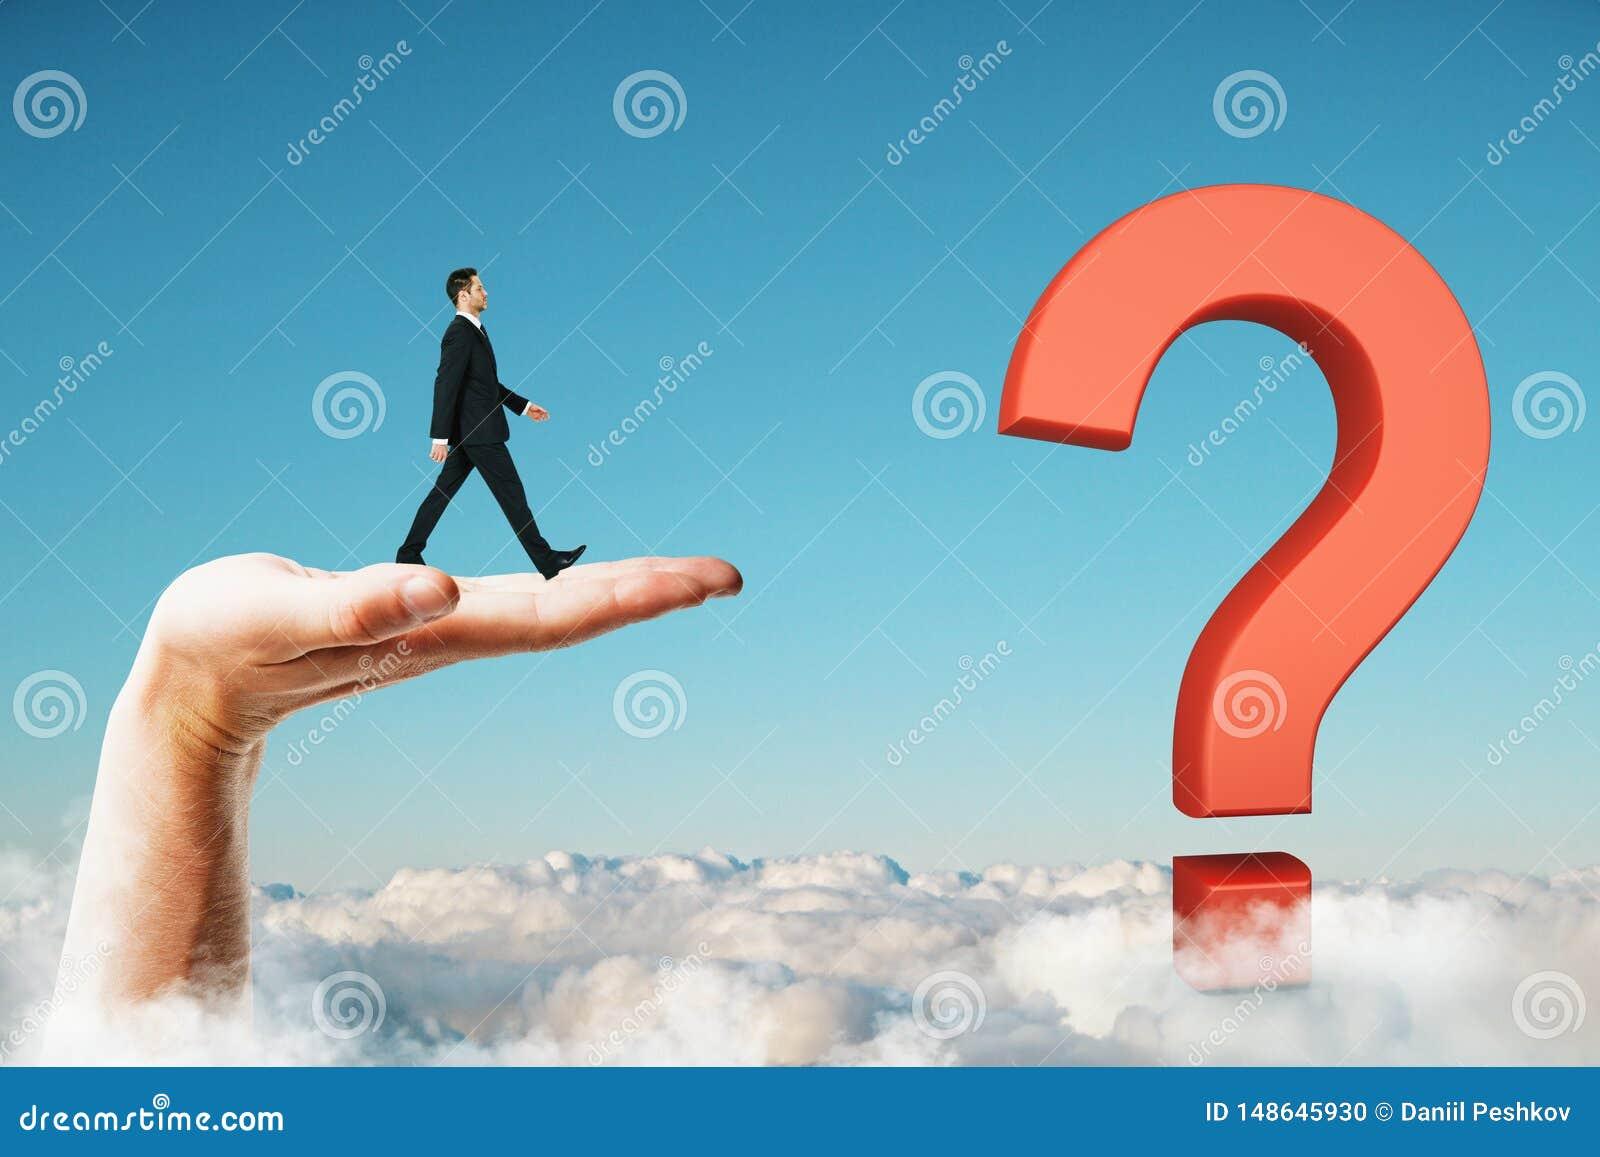 Richting, oplossings, twijfel en succesconcept